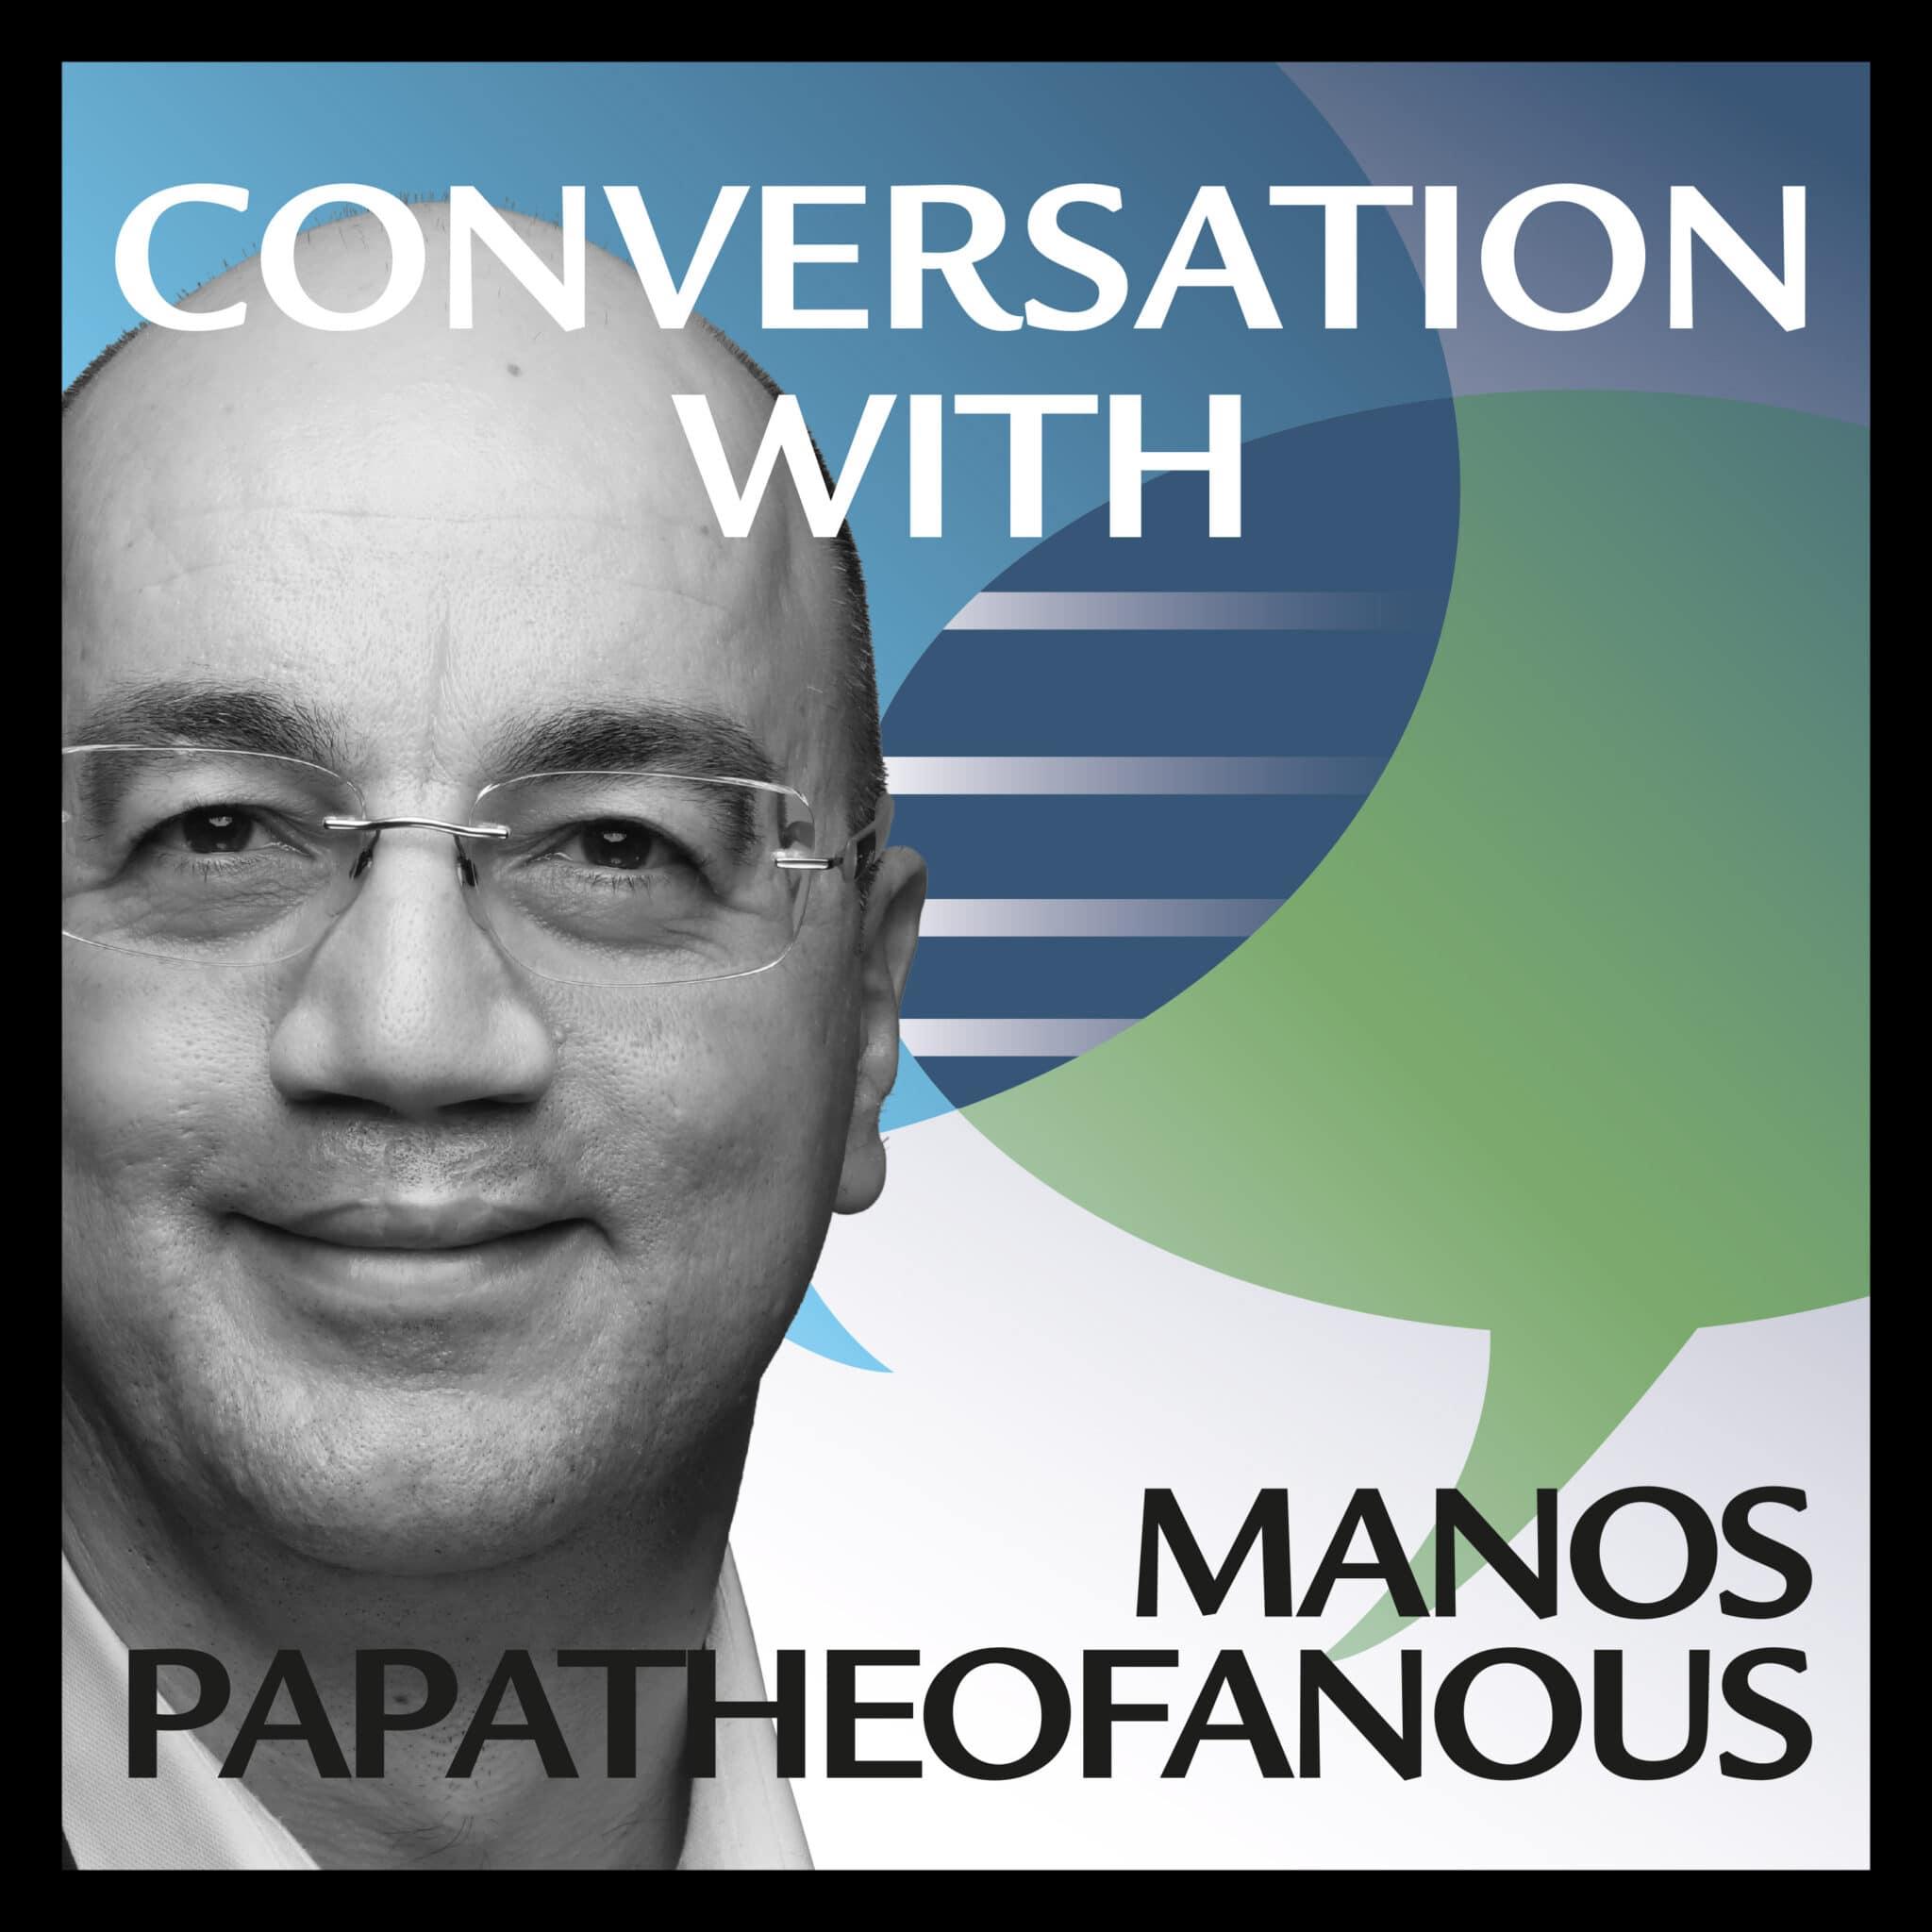 Manos Papatheofaneous